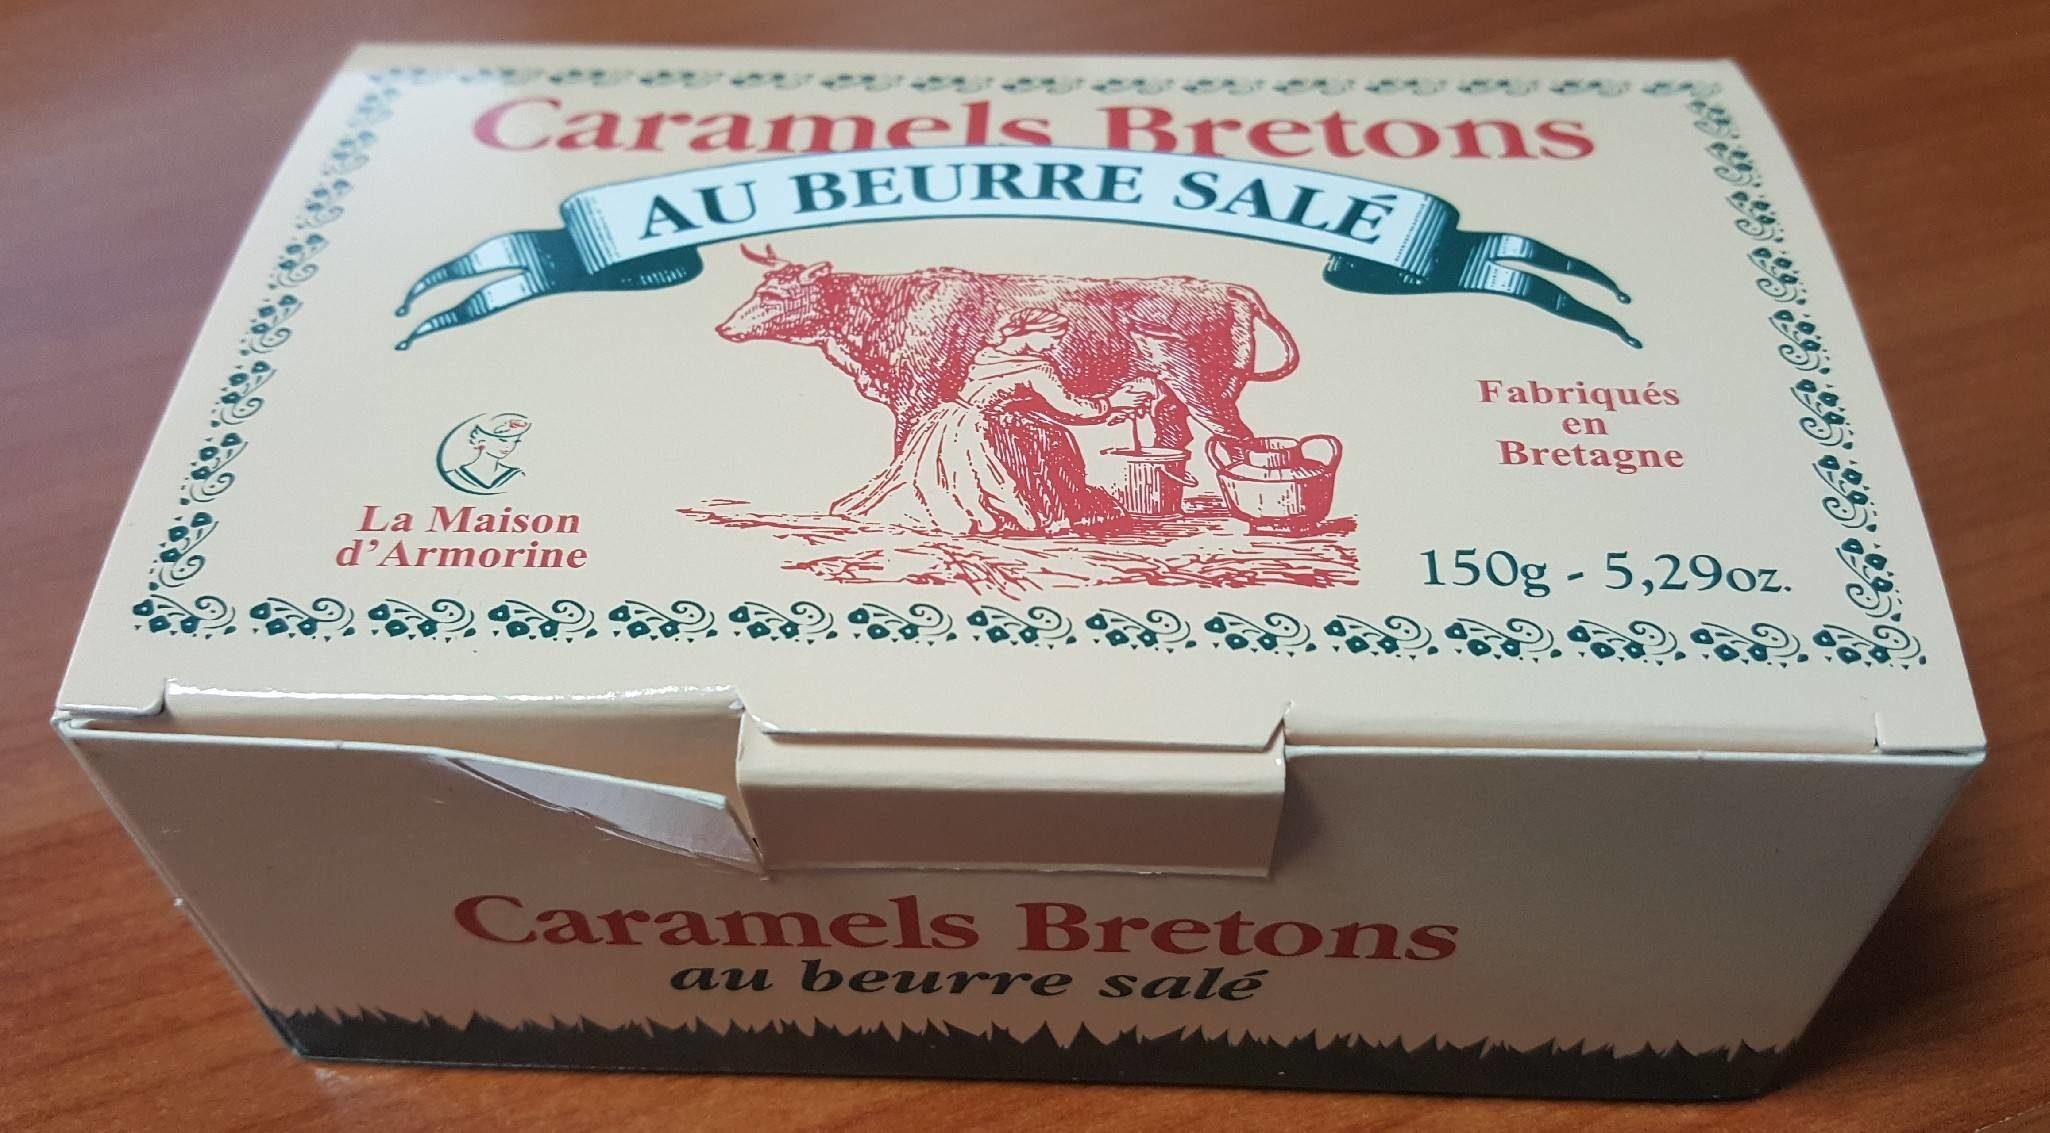 Caramels bretons au beurre salé - Produit